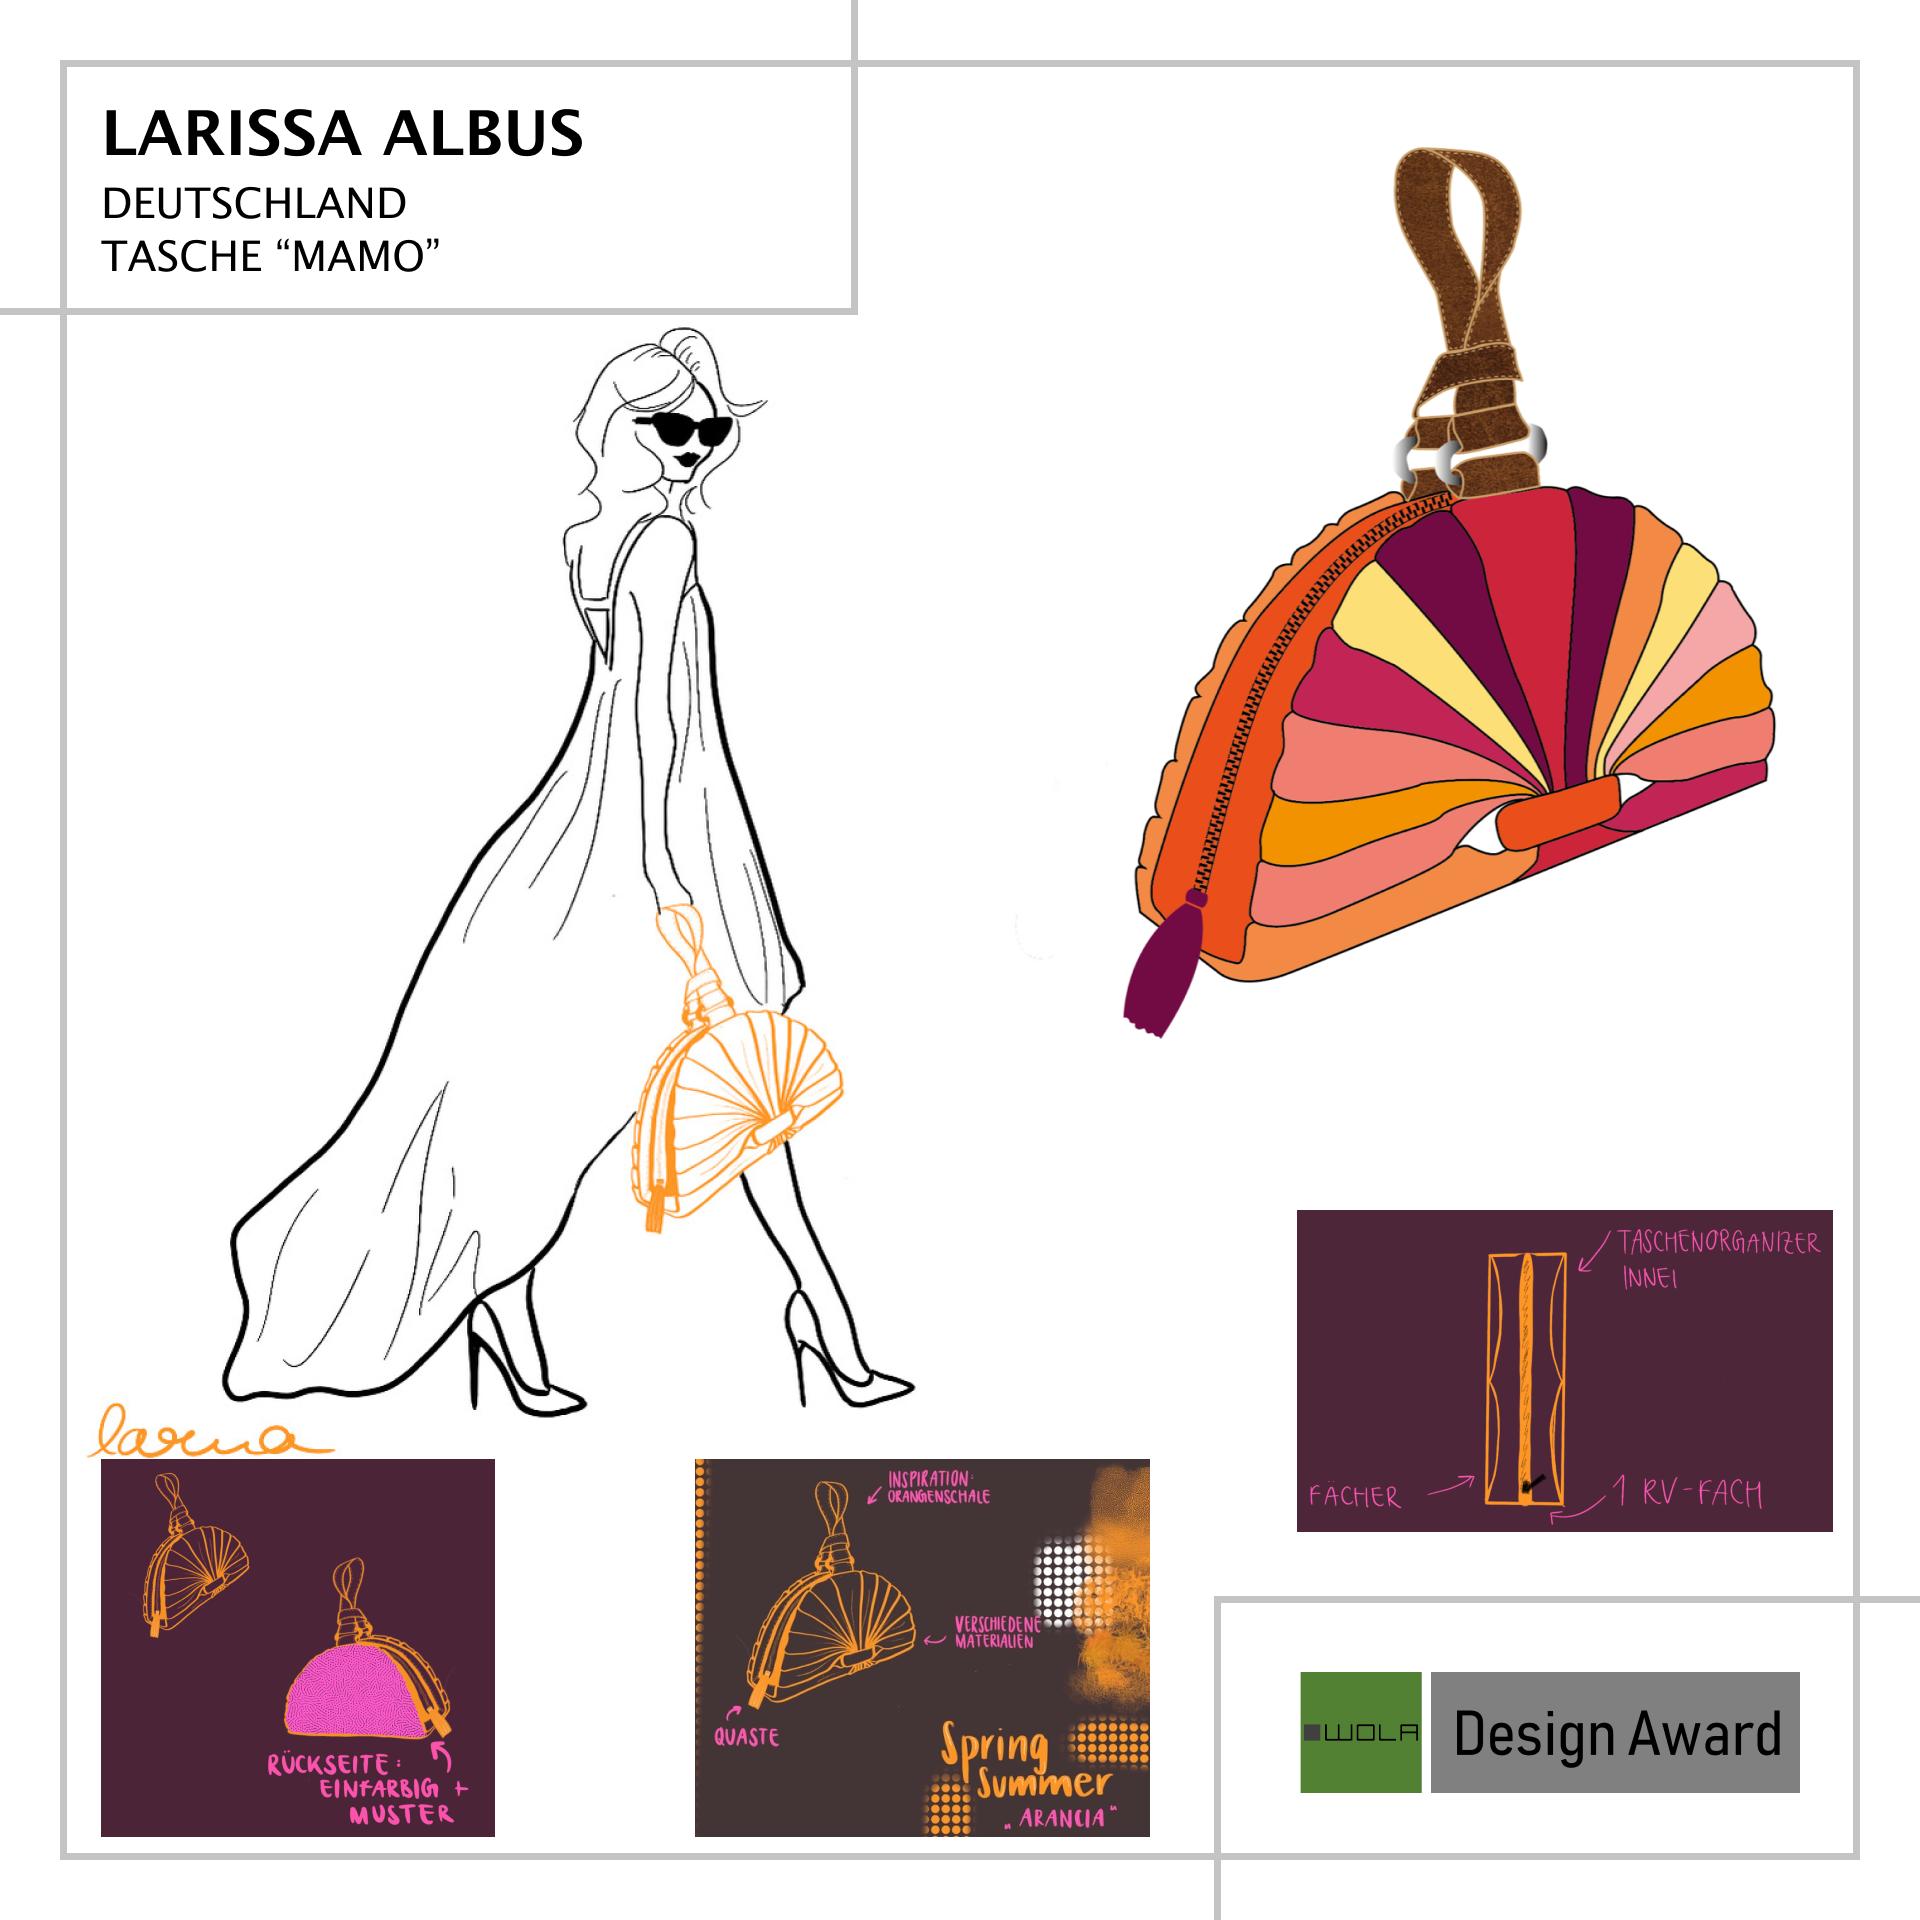 Beitrag WOLA Design Award - Larissa Albus-6